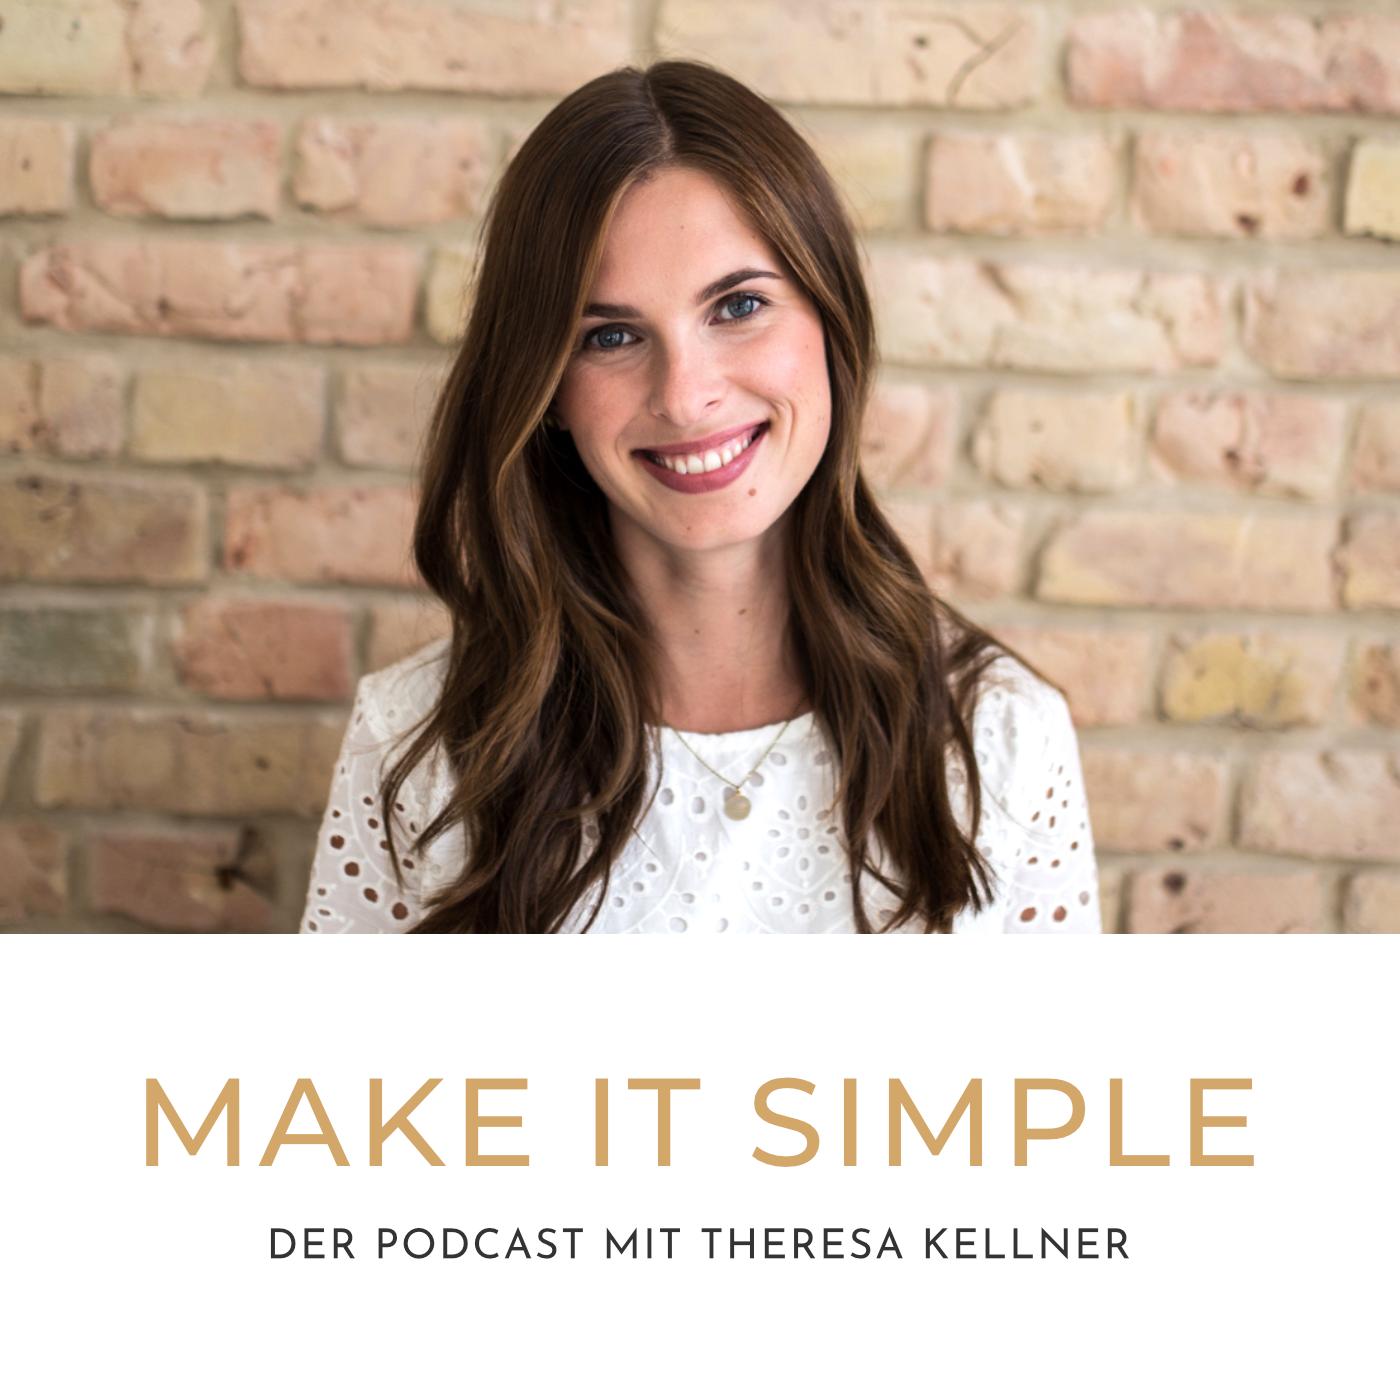 """Mein Podcast für dich! - """"Make it simple"""" ist der Podcast, der dein Leben leichter macht! Jede Woche Dienstag gibt es eine brandneue Folge für deine persönliche und berufliche Weiterentwicklung mit ganz viel Leichtigkeit. Alle Folgen findest du hier, bei iTunes und bei Spotify."""